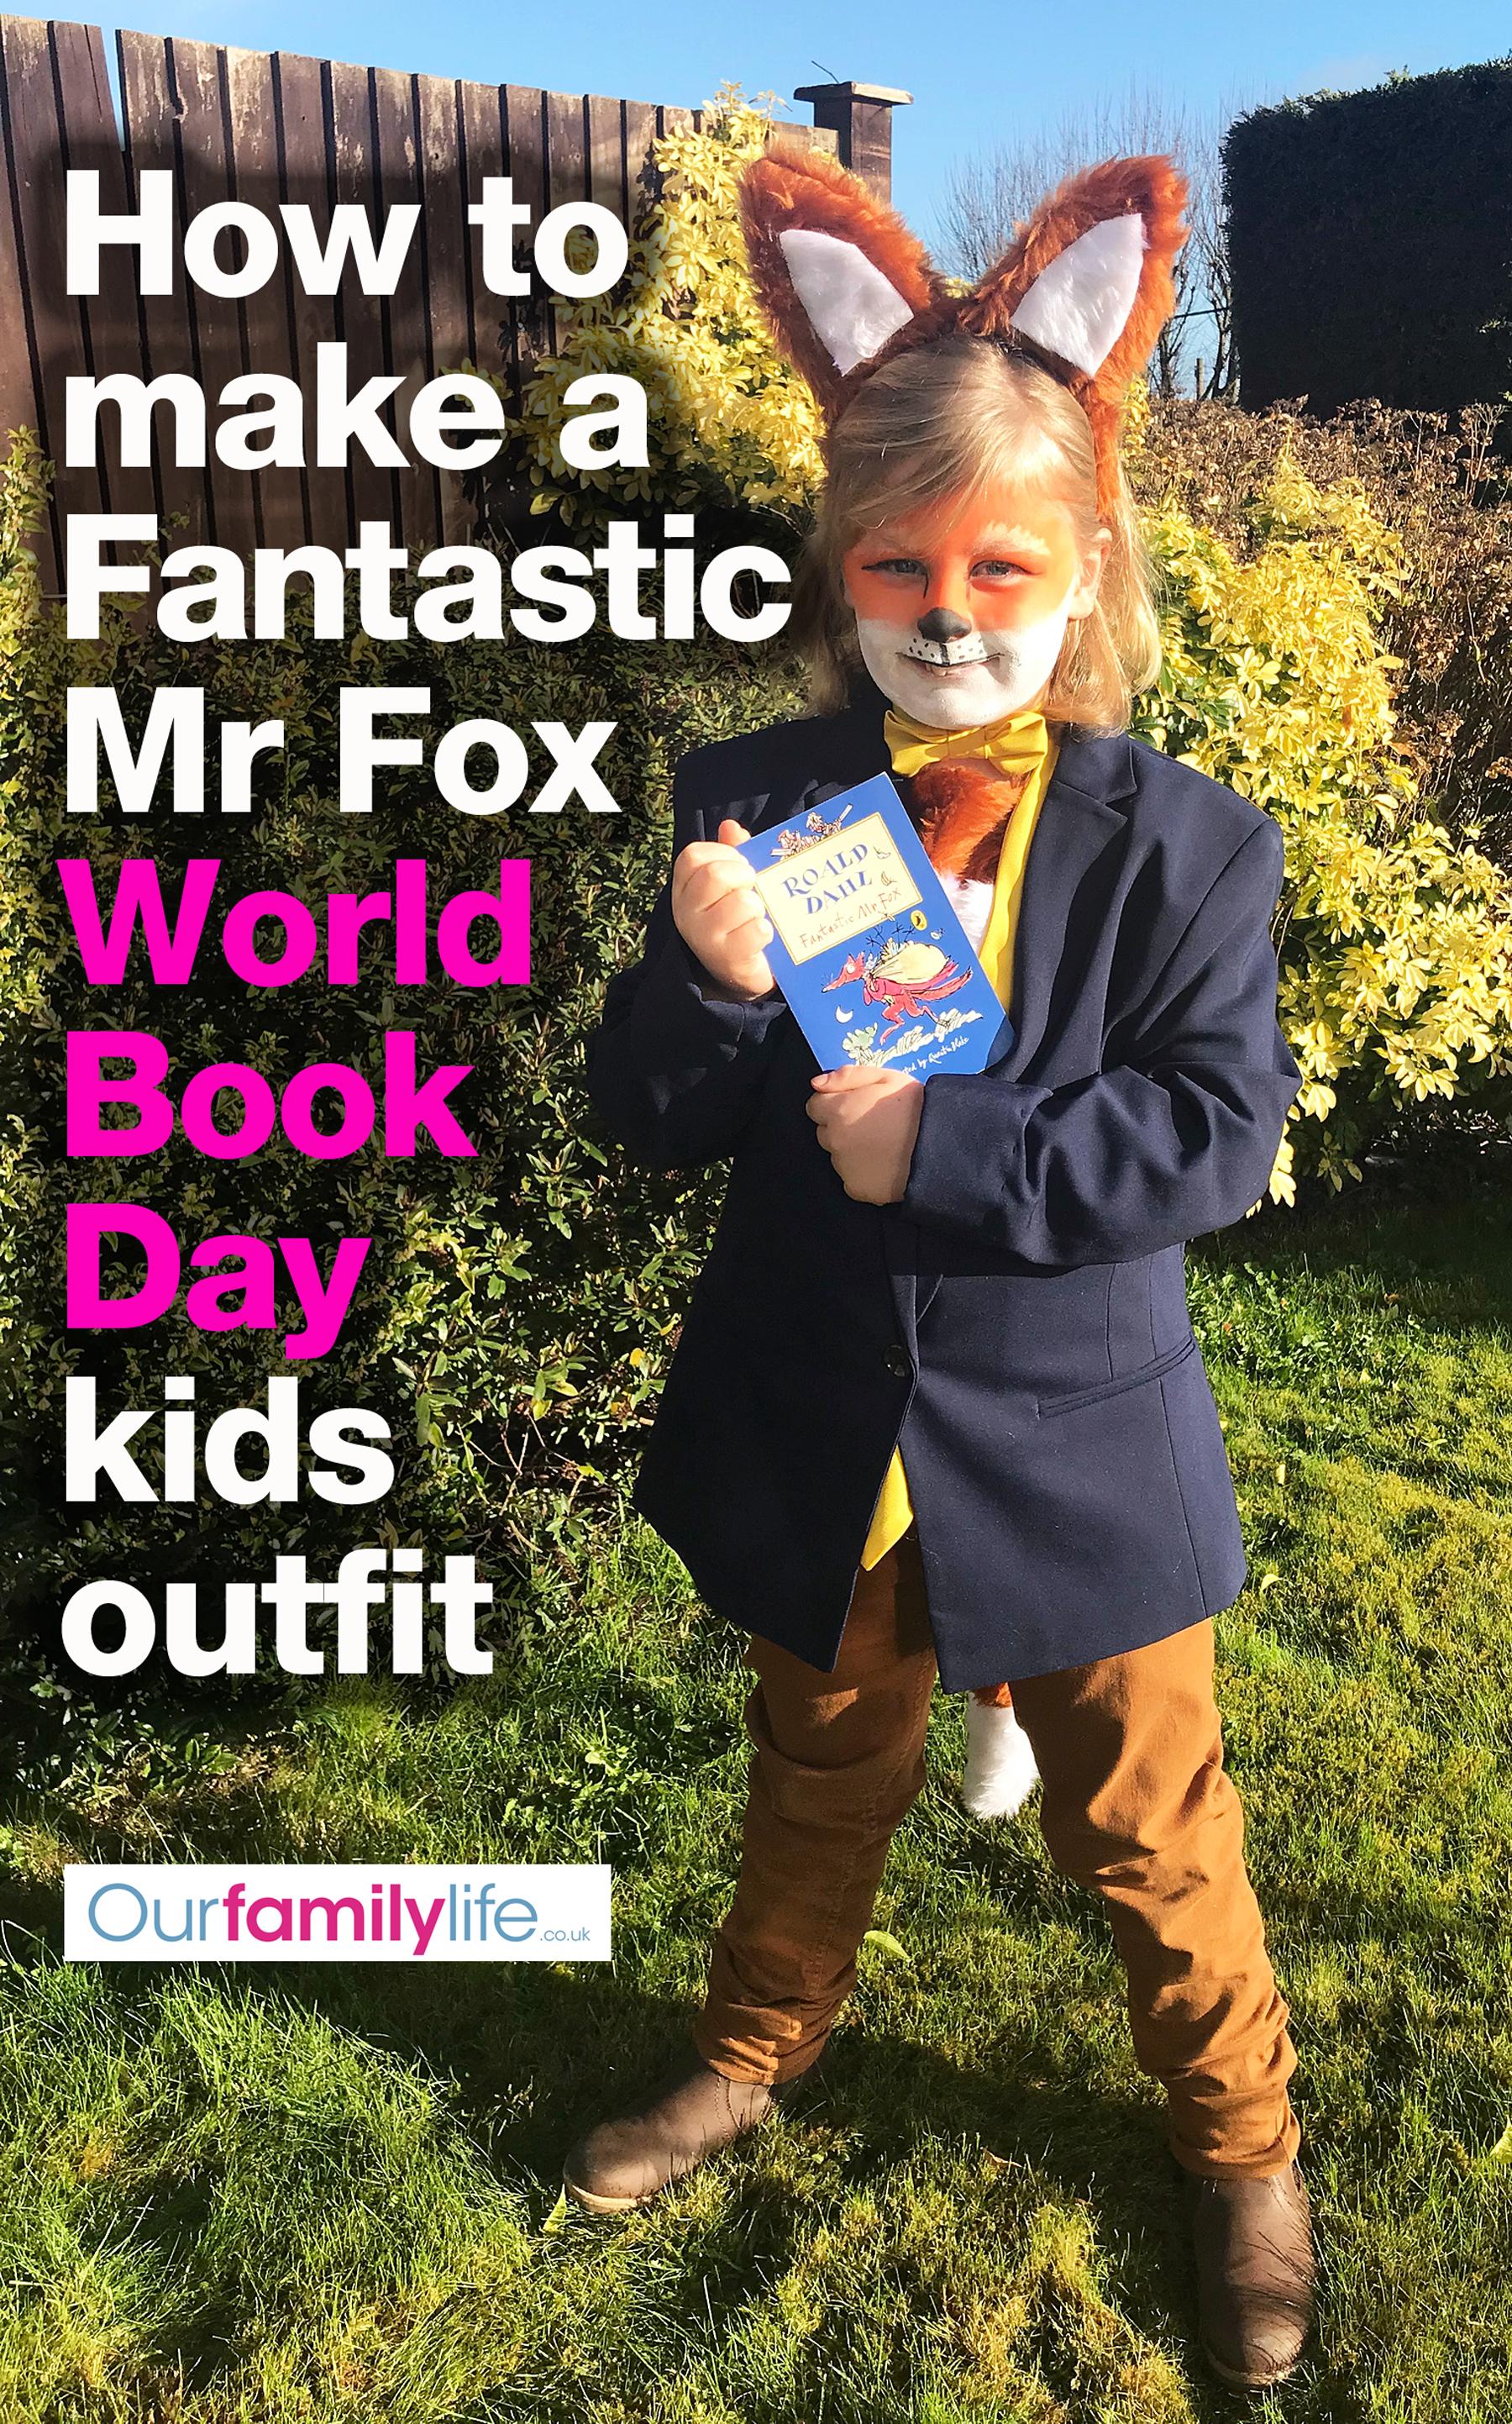 WorldBookDayFantasticMrFoxPinterestFinal.jpg